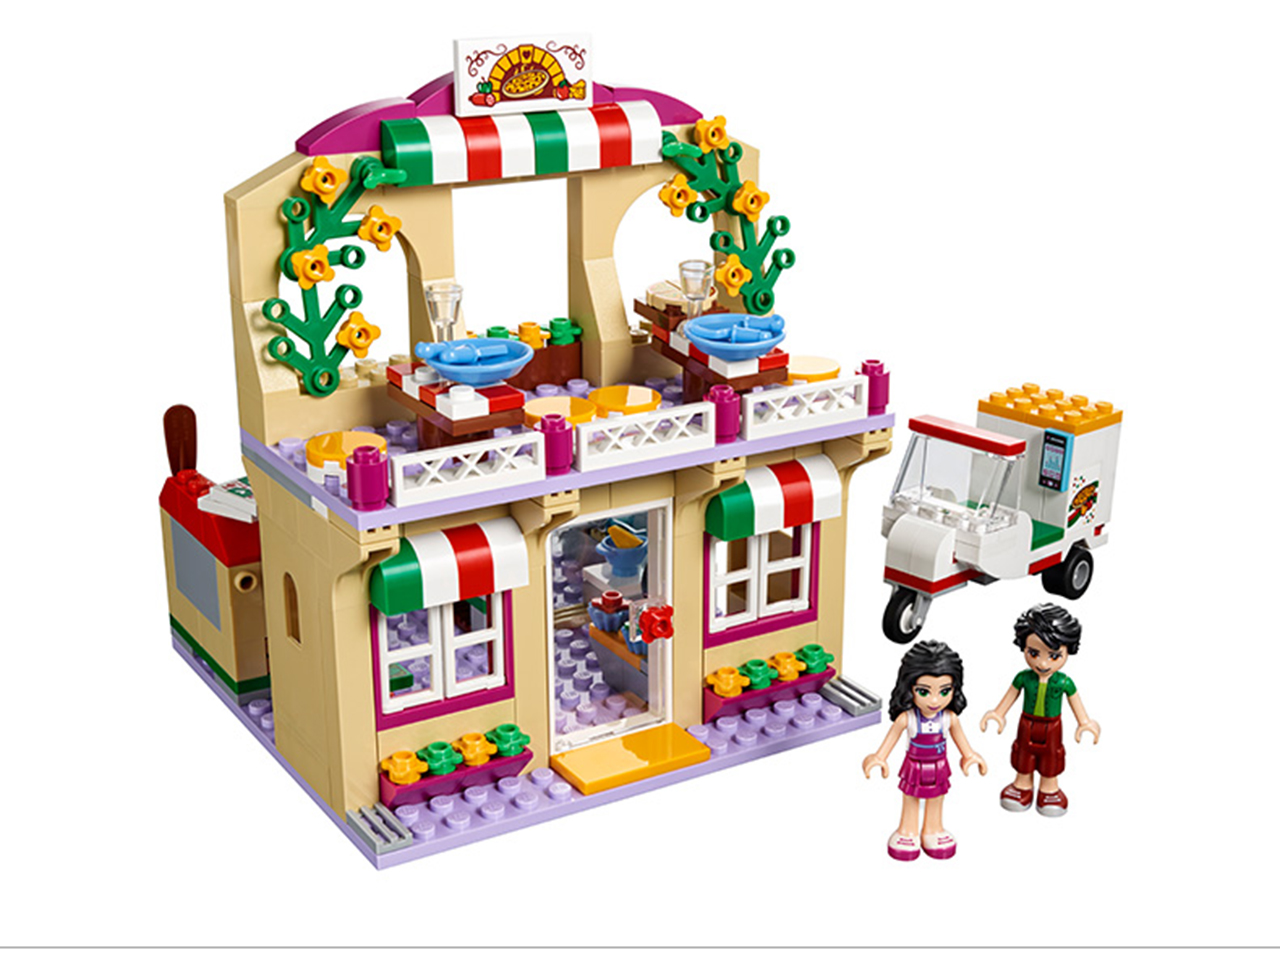 Đồ chơi Lego Friends Tiệm Bánh Pizza Heartlake 310 chi tiết - BELA 10609